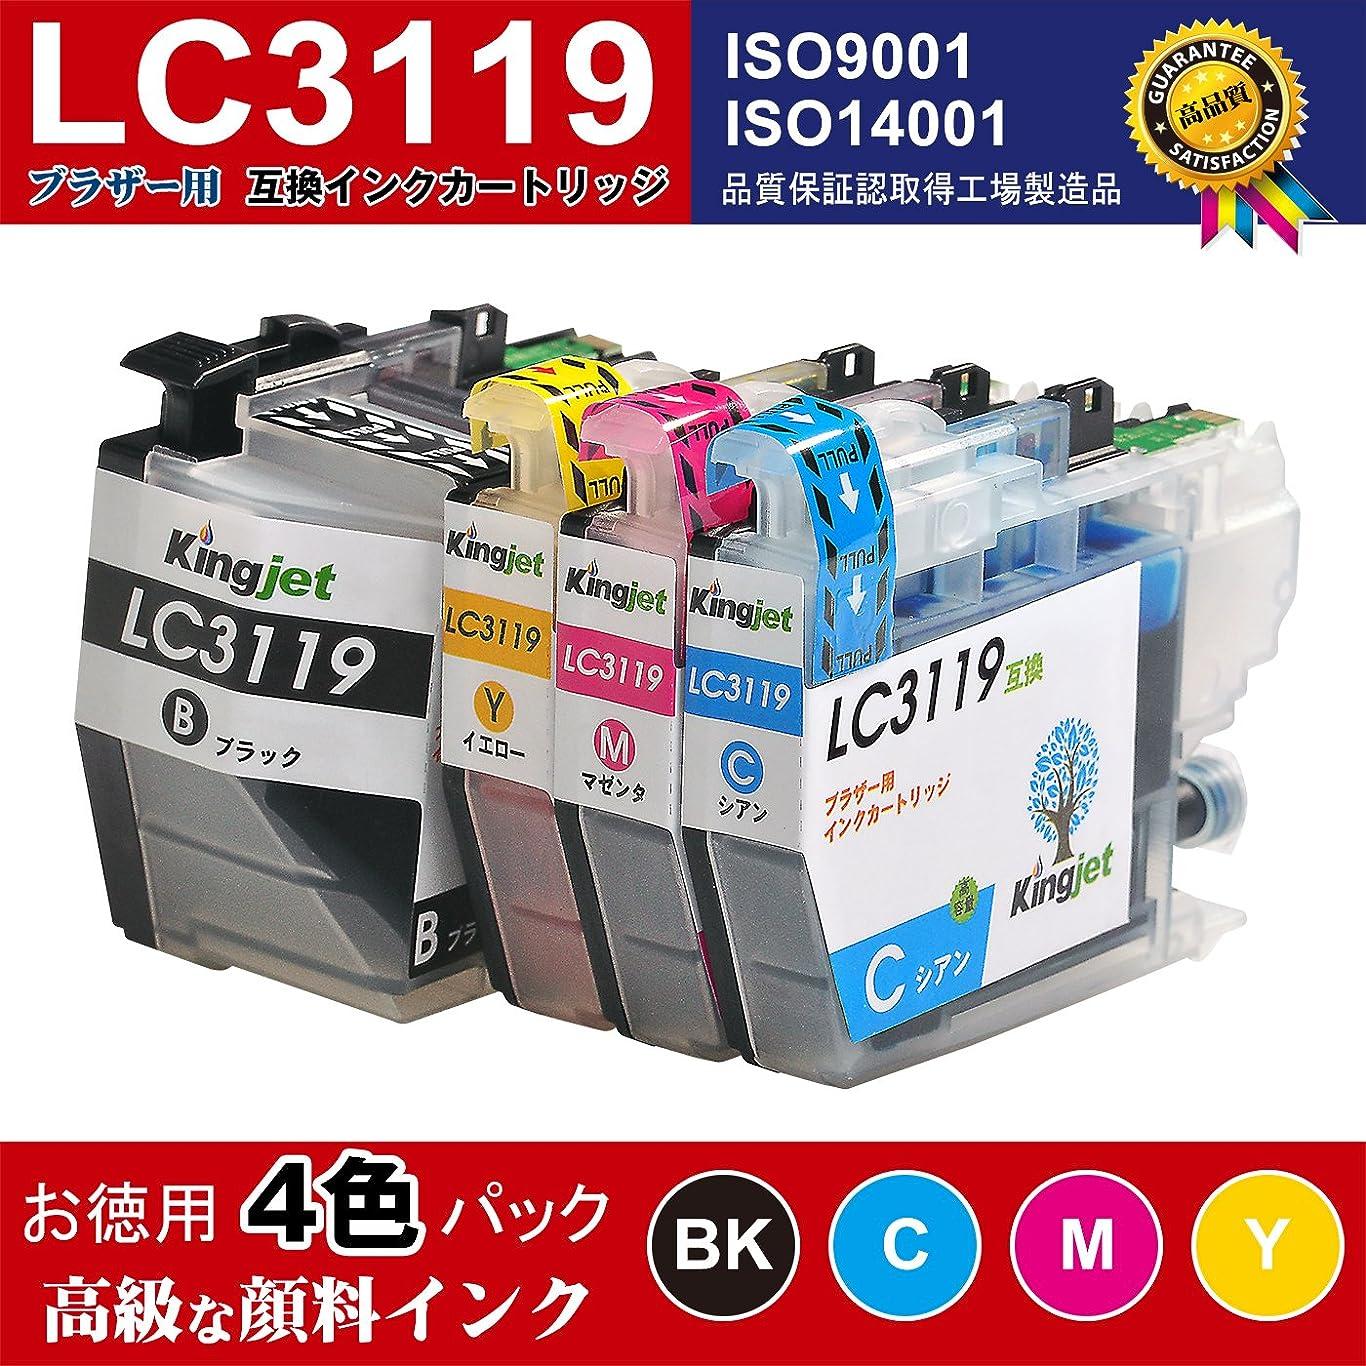 良さ無知壁紙brother LC3119-4PK 4色セット 大容量 ( BK / C / M / Y ) ブラザー 互換 インクカートリッジ 【Kingjet製】 残量検知機能ICチップ付き LC3119 対応プリンター : MFC-J6980CDW MFC-J6580CDW